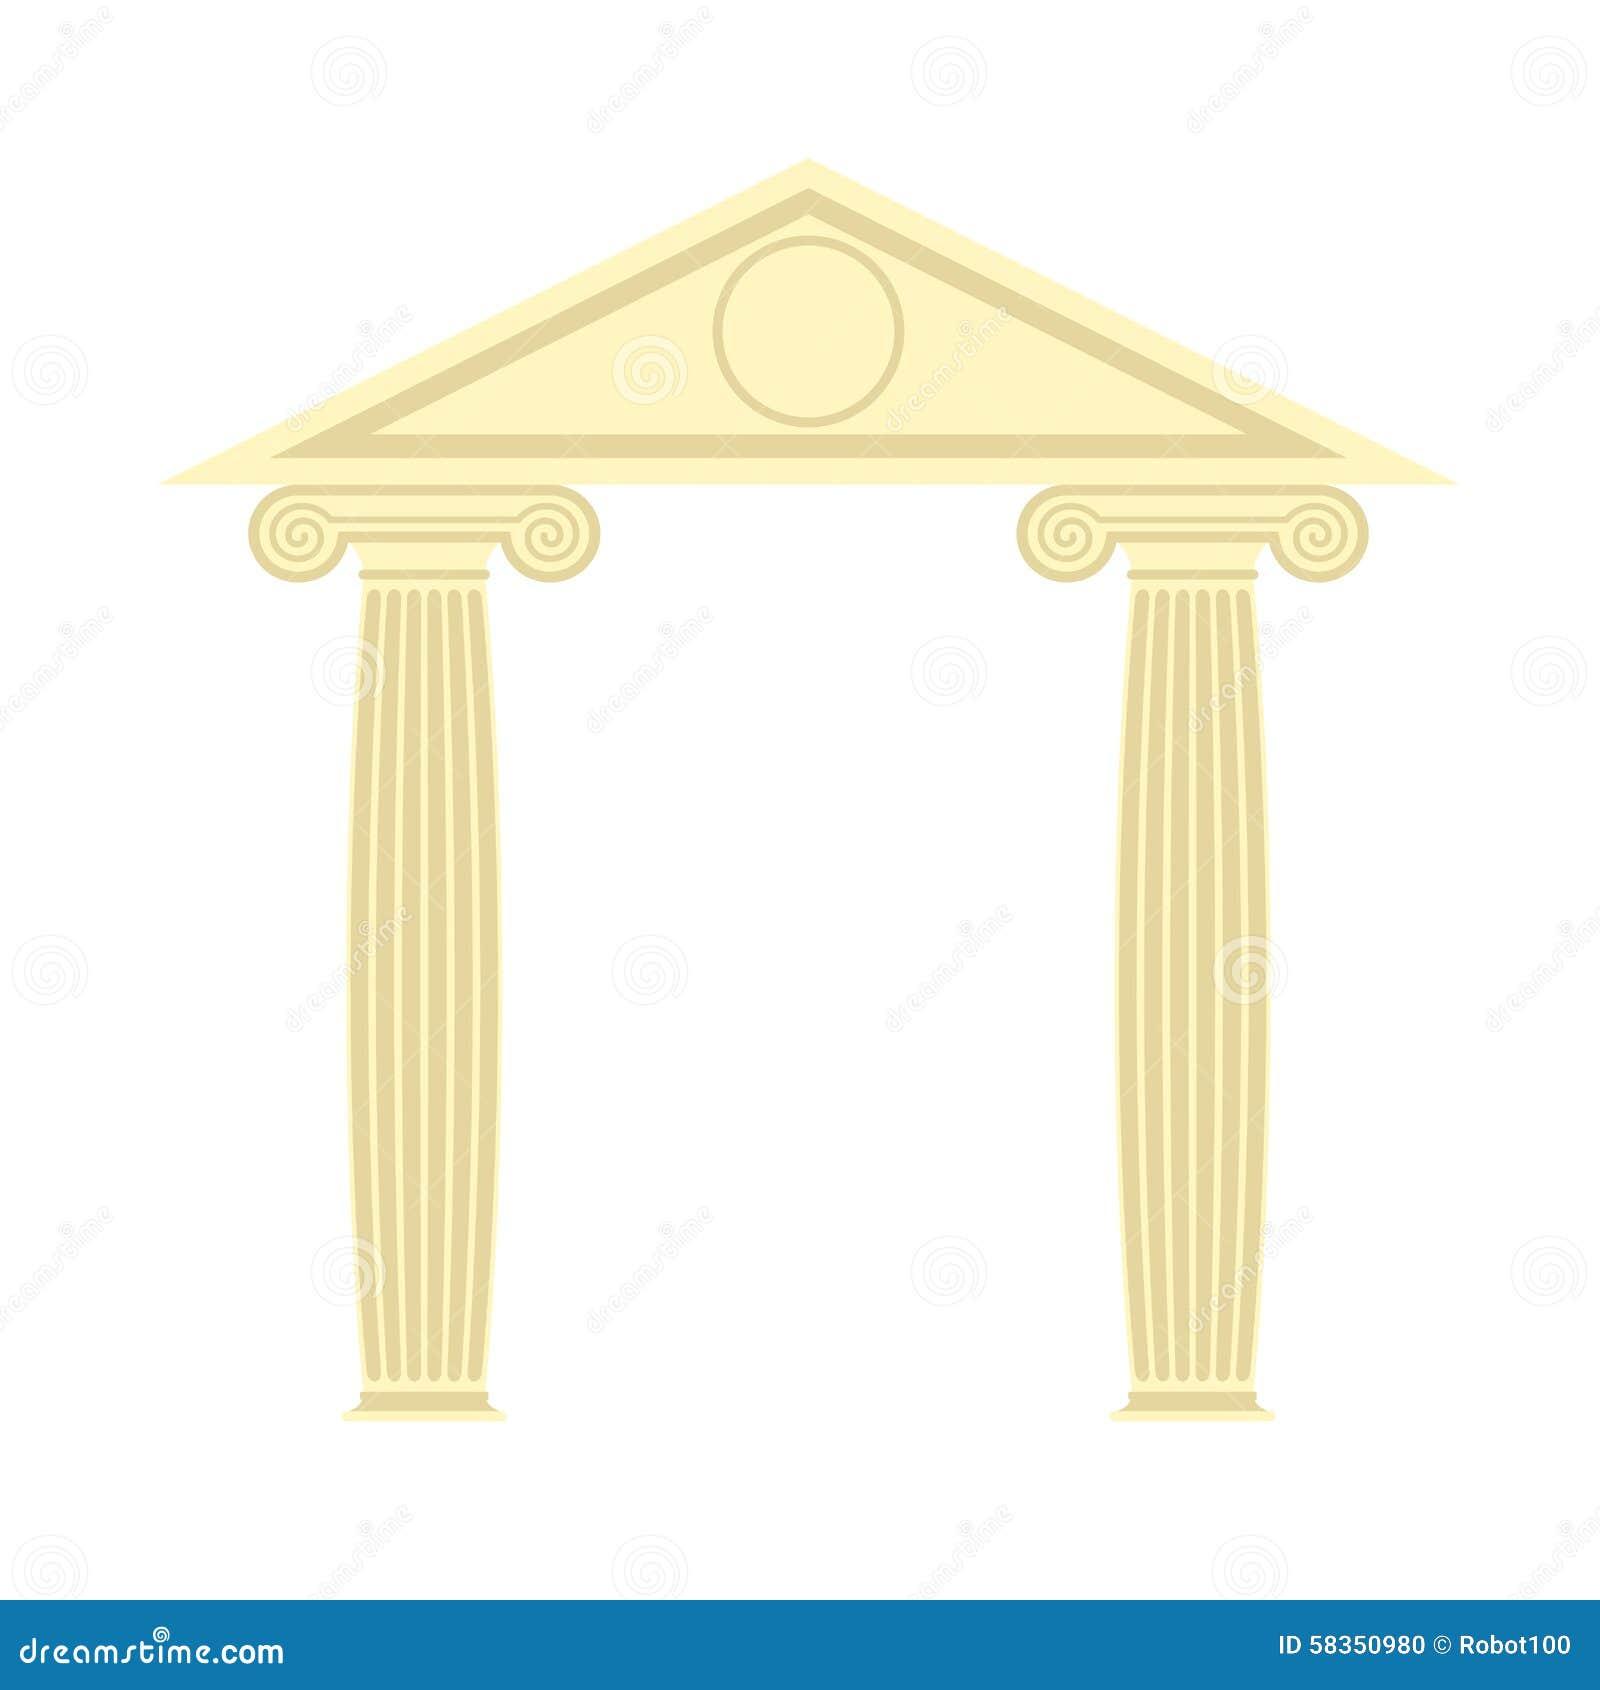 portique grec temple grec deux colonne et toit illustr de. Black Bedroom Furniture Sets. Home Design Ideas